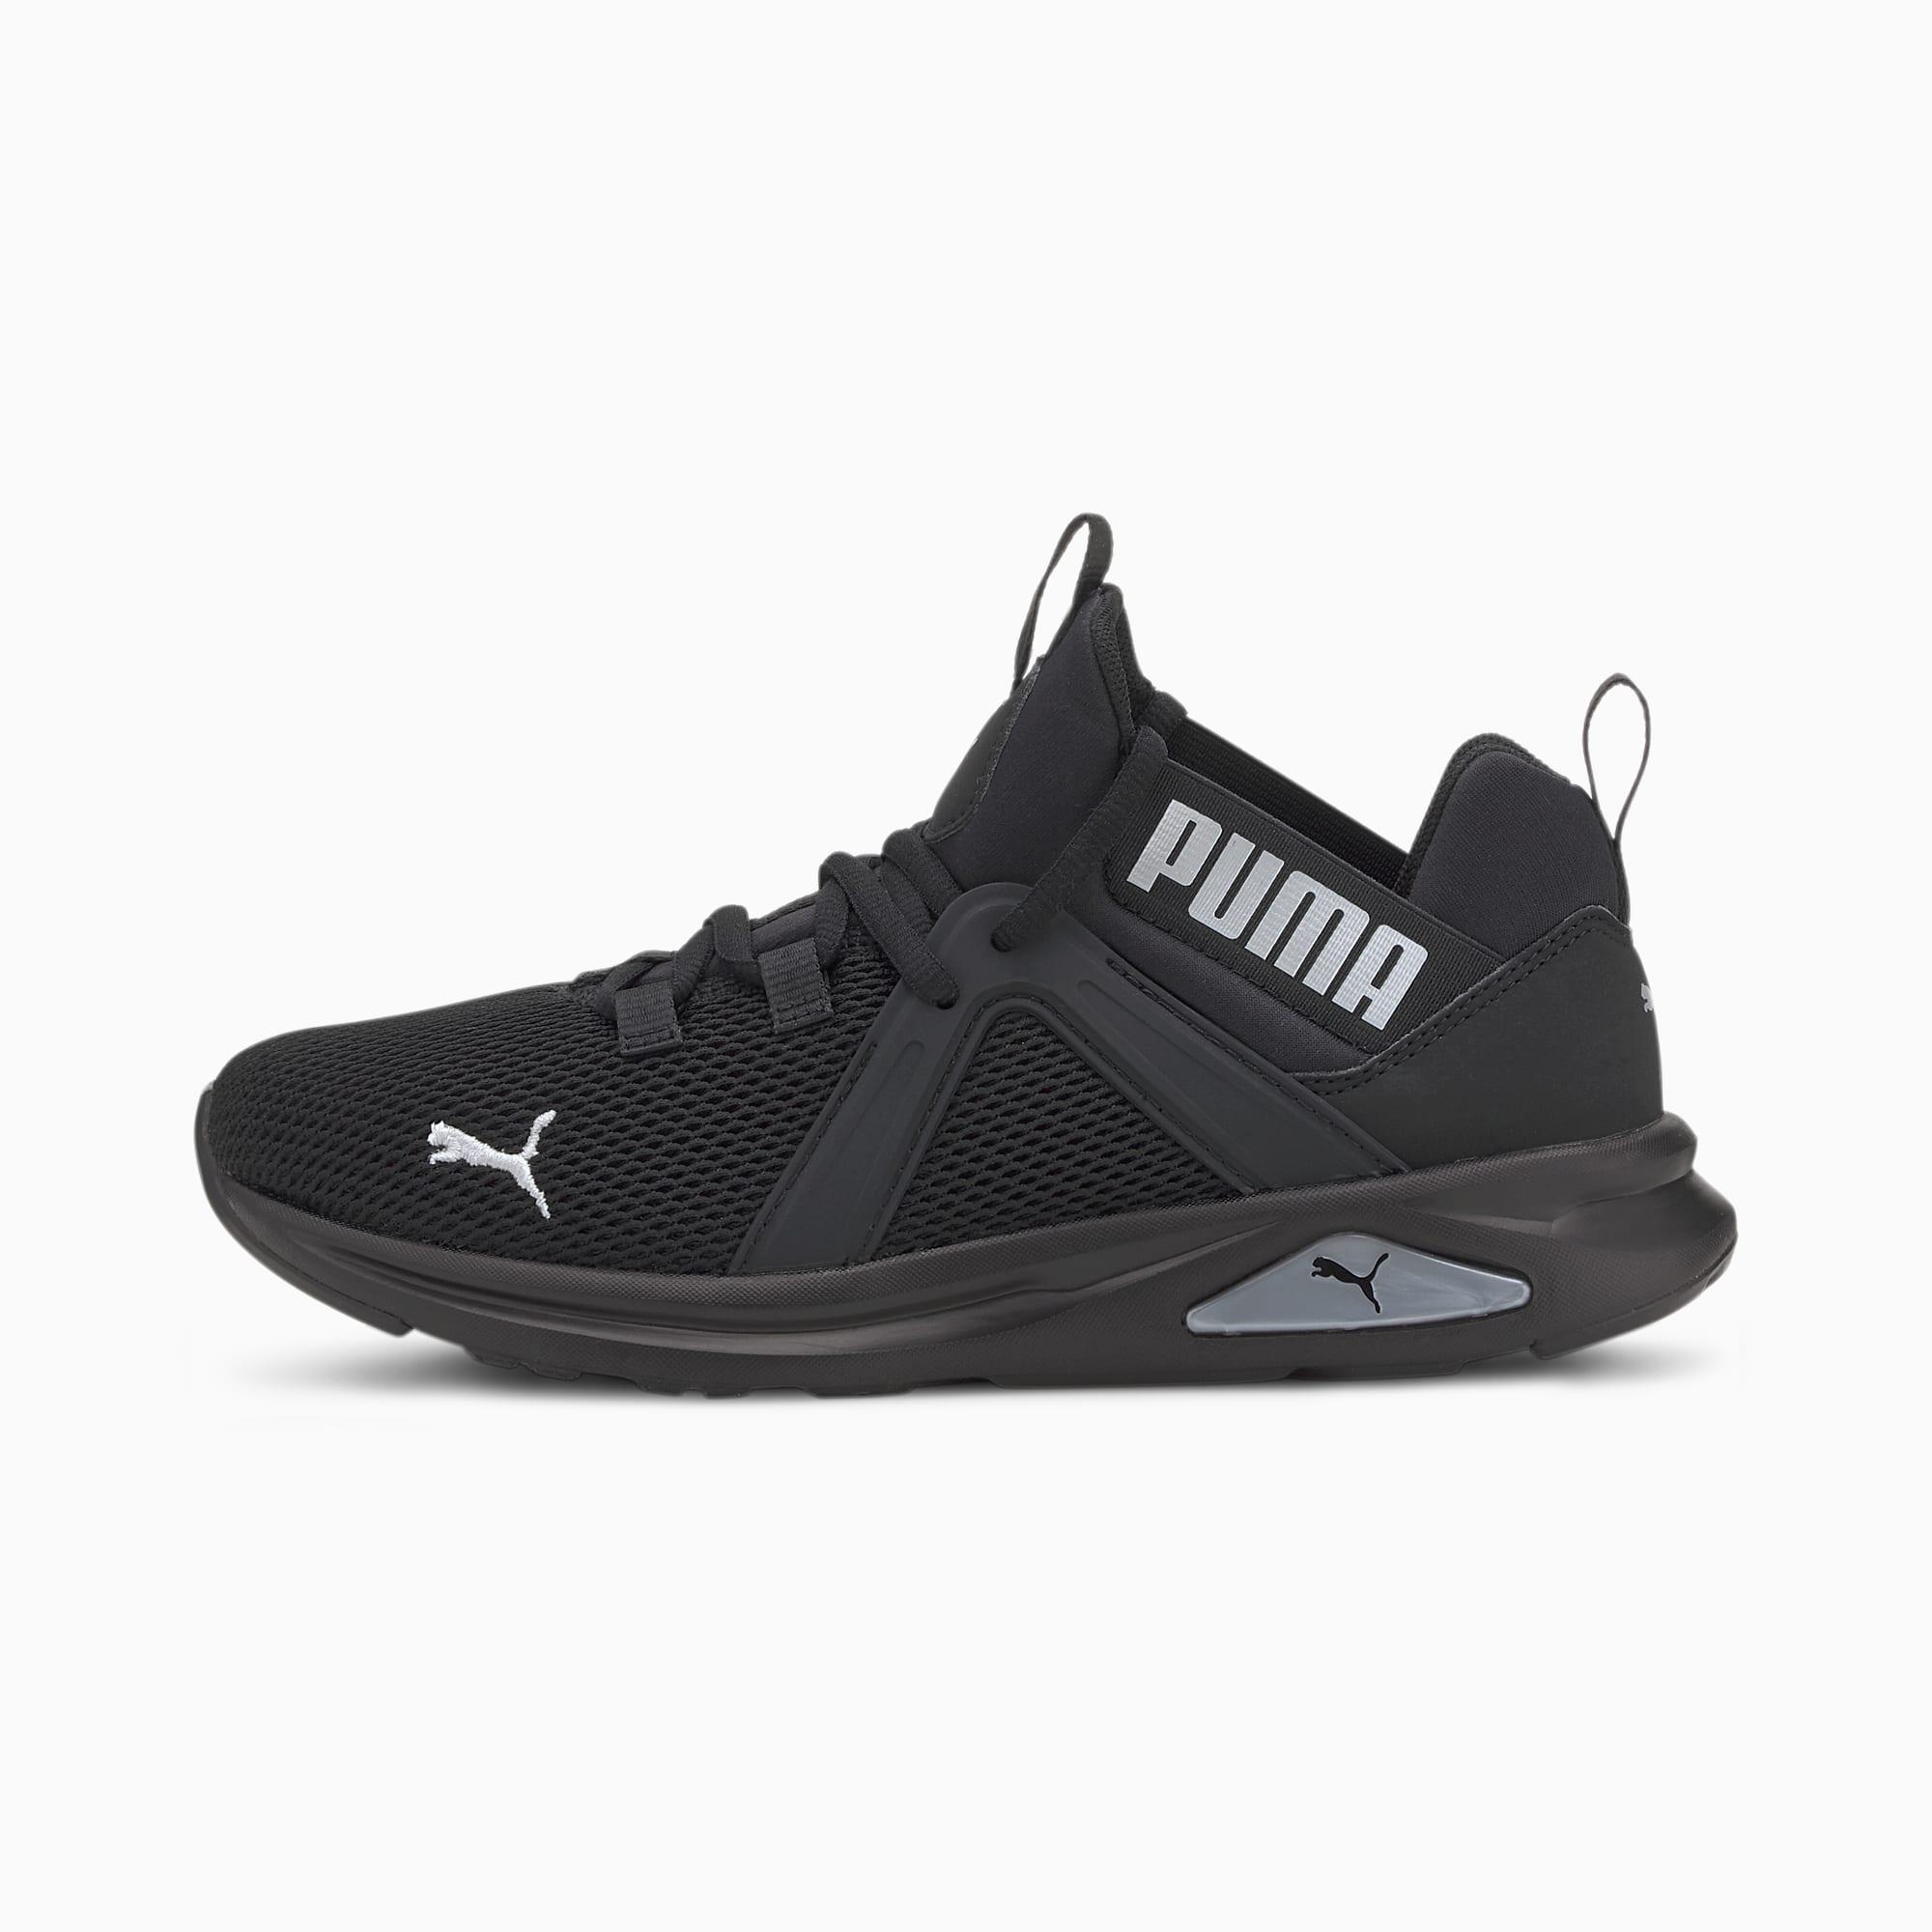 Zapatillas de Running Enzo 2 Para Mujer, Plateado/Negro, Talla 38   PUMA Mujeres